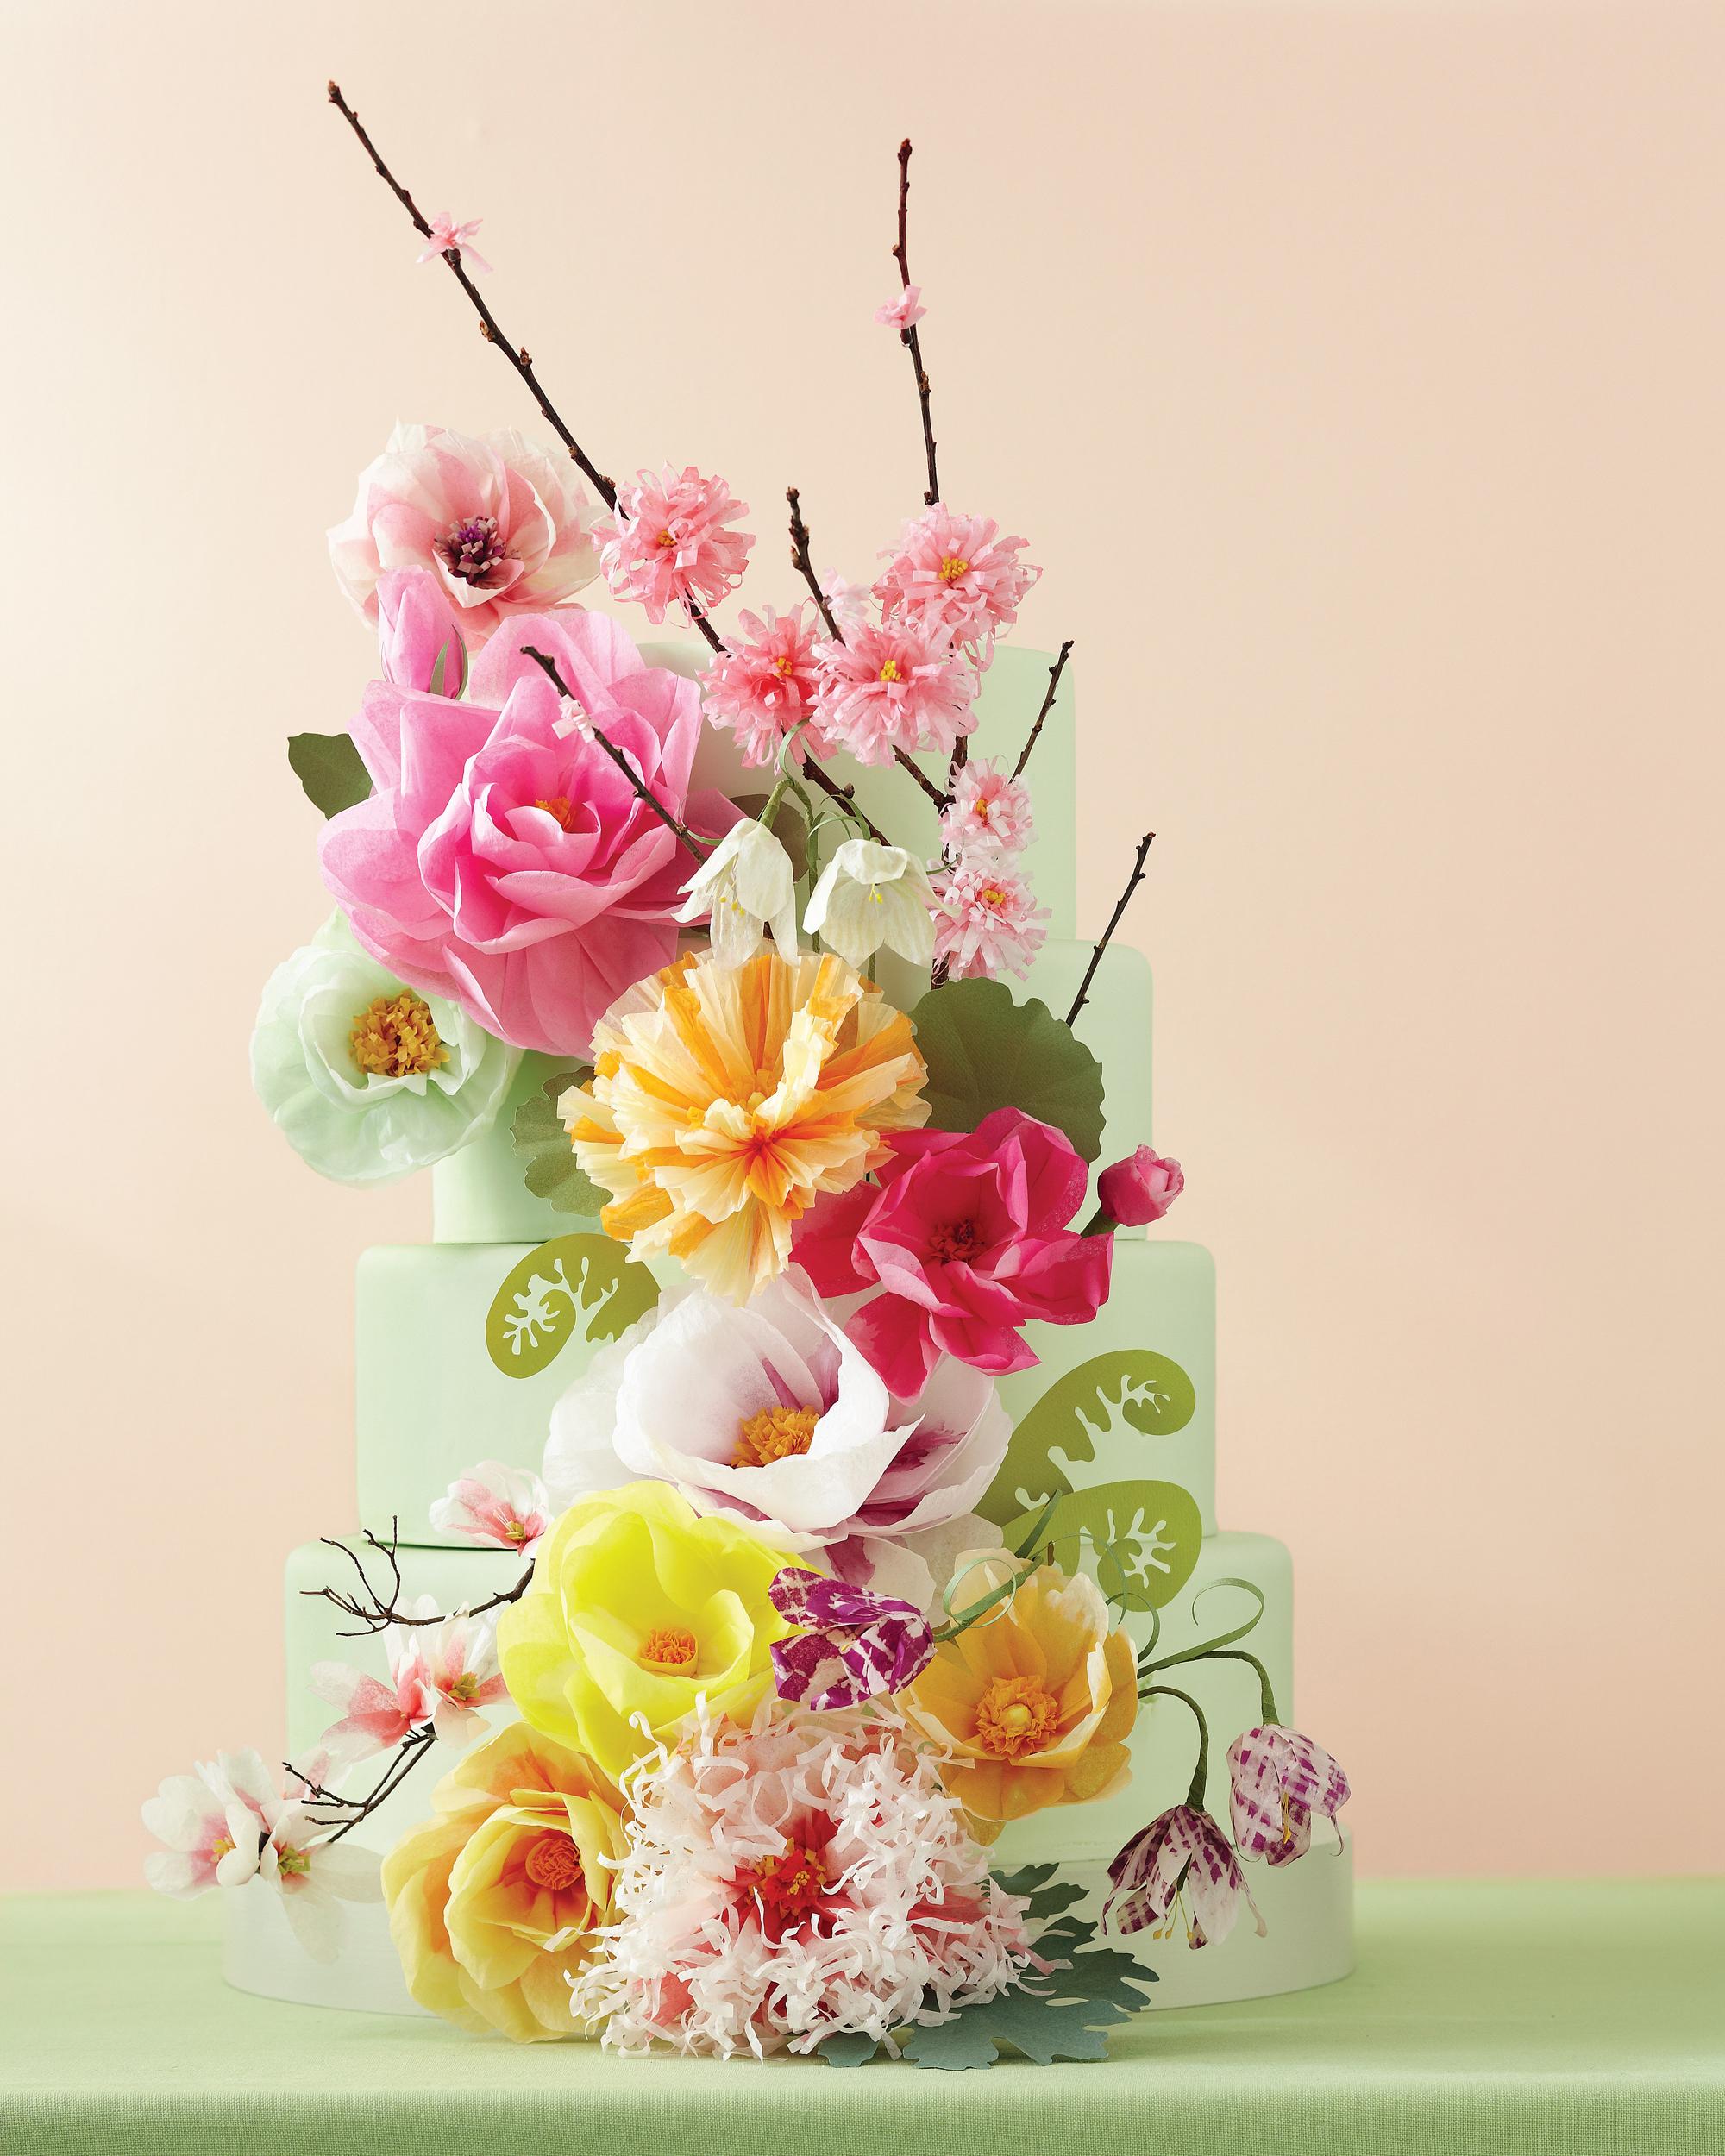 cakes02k-sum11mwd107083.jpg